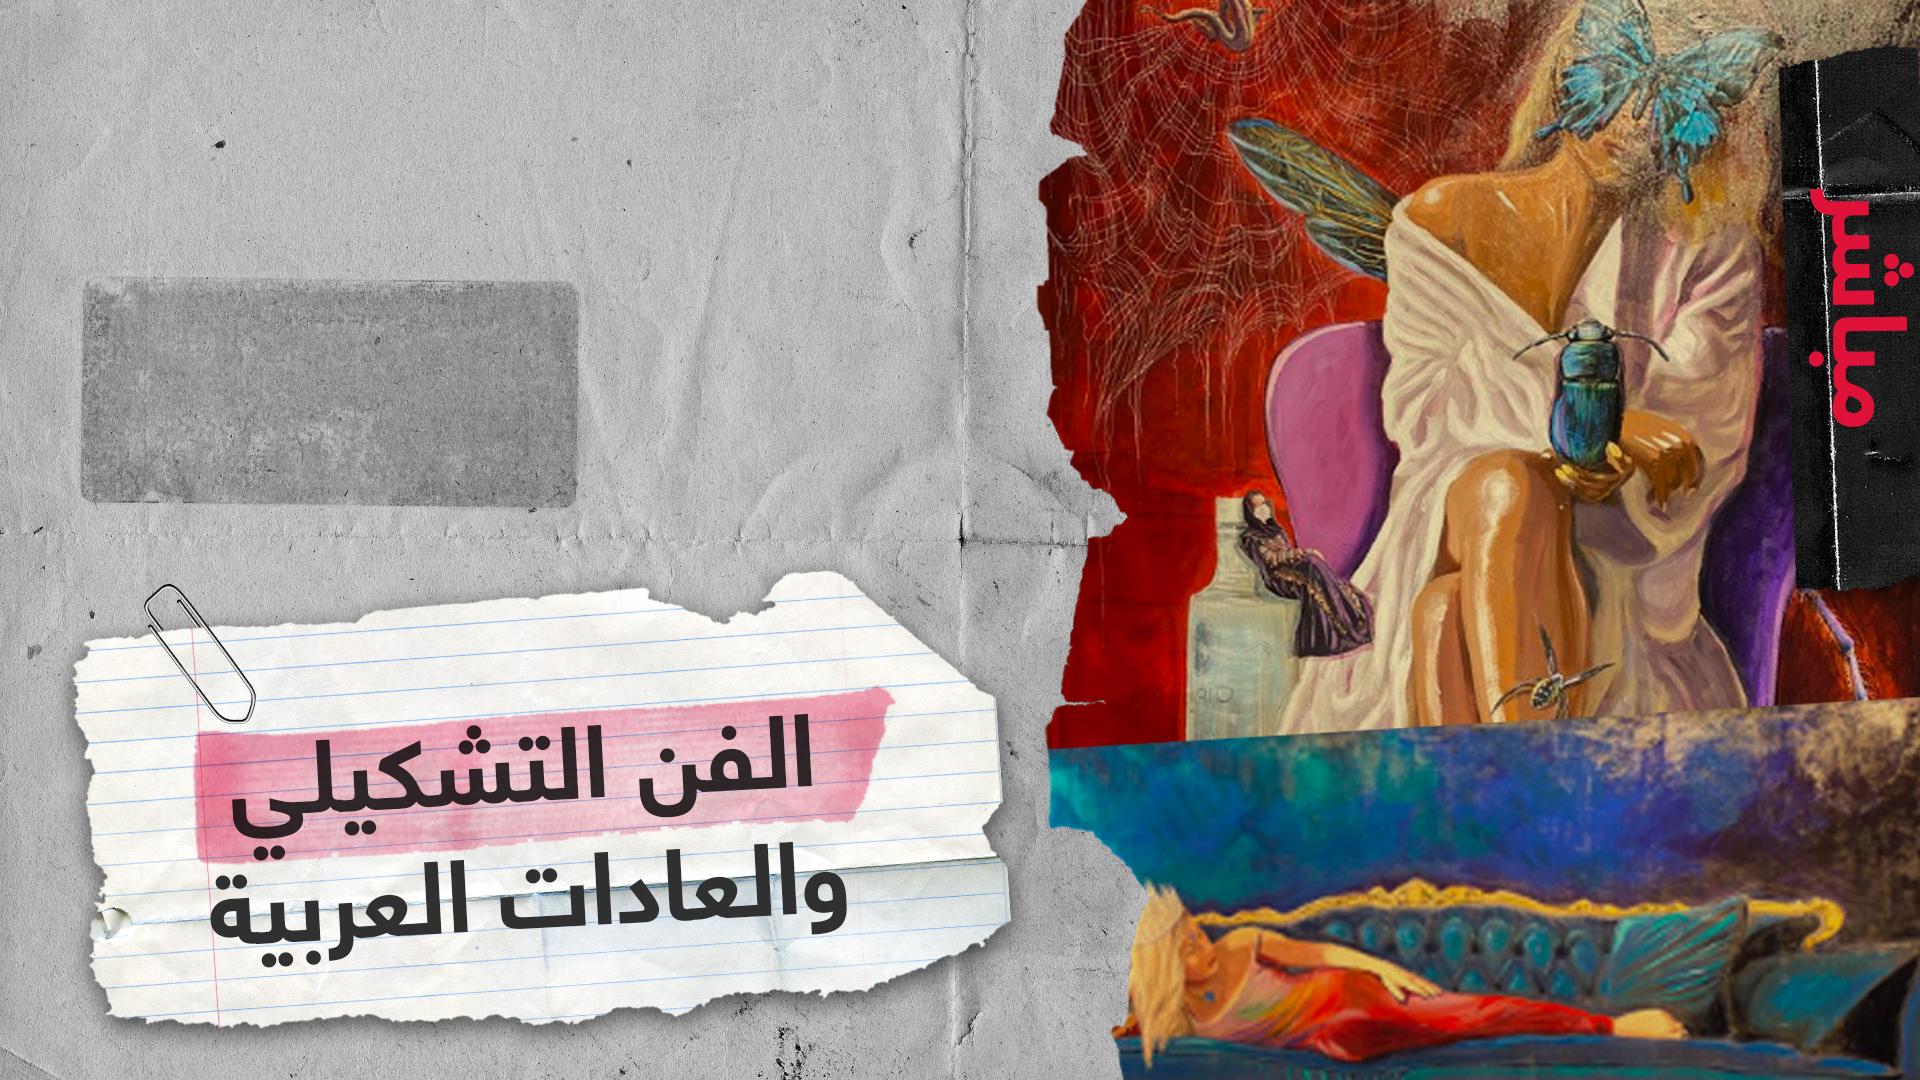 الكويت تغلق معرضا للفن التشكيلي.. من يحدد حرية الفنانين في التعبير؟